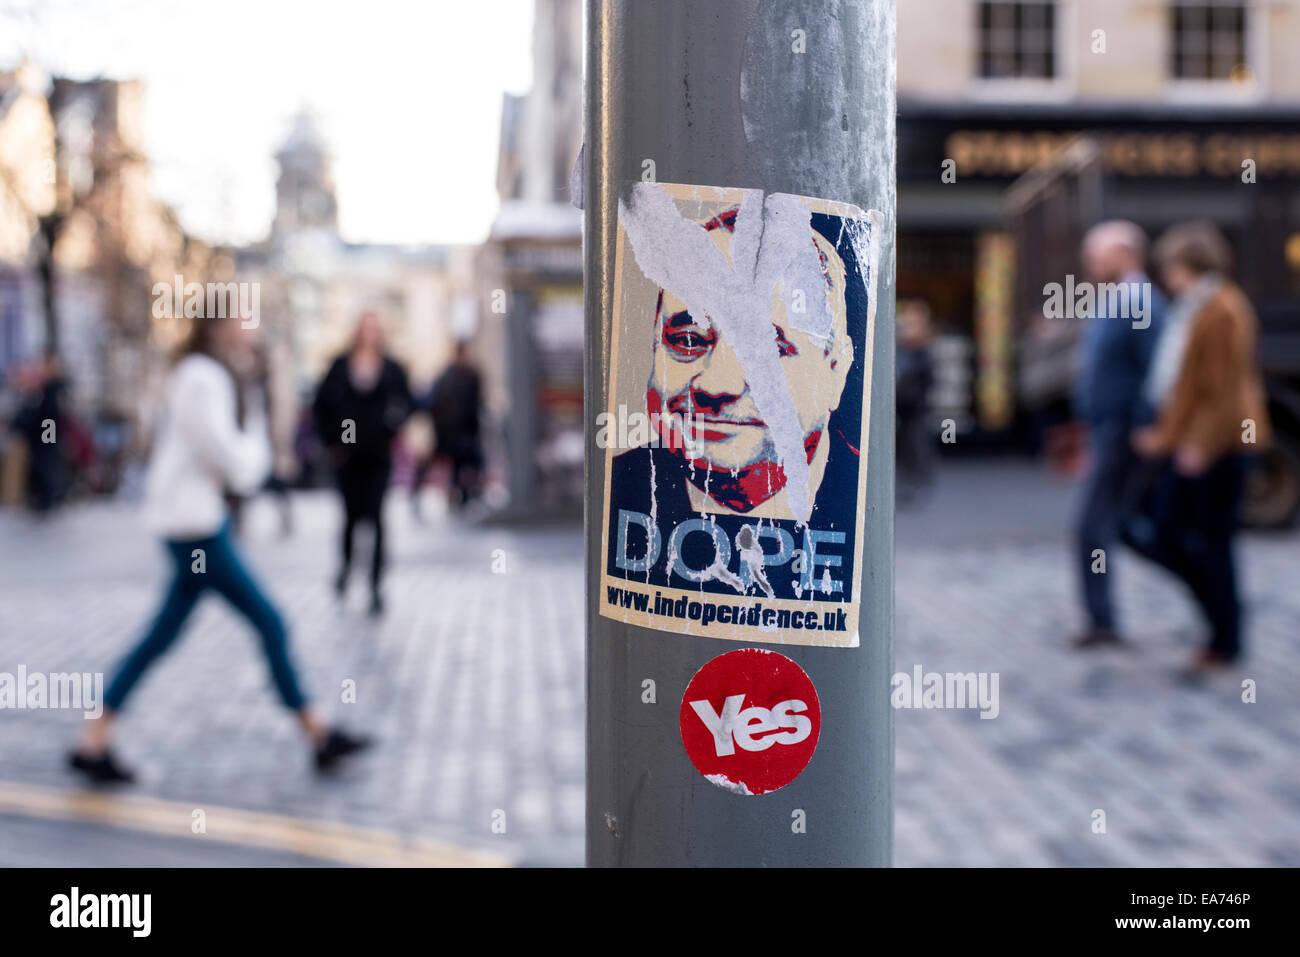 Un Alex Salmond 'Dope' sticker, parodiant les Obama 'Hope', de l'affiche et un pro-indépendance Photo Stock